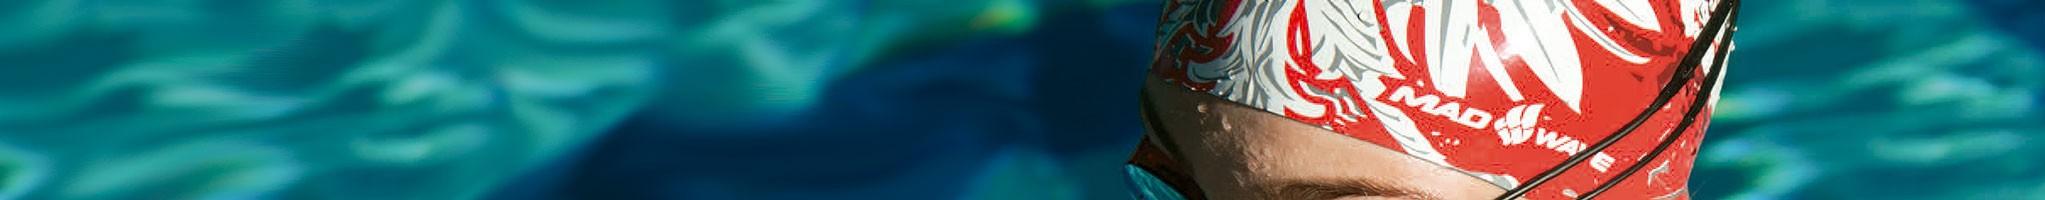 Gorros de Natación de Silicona/Latex